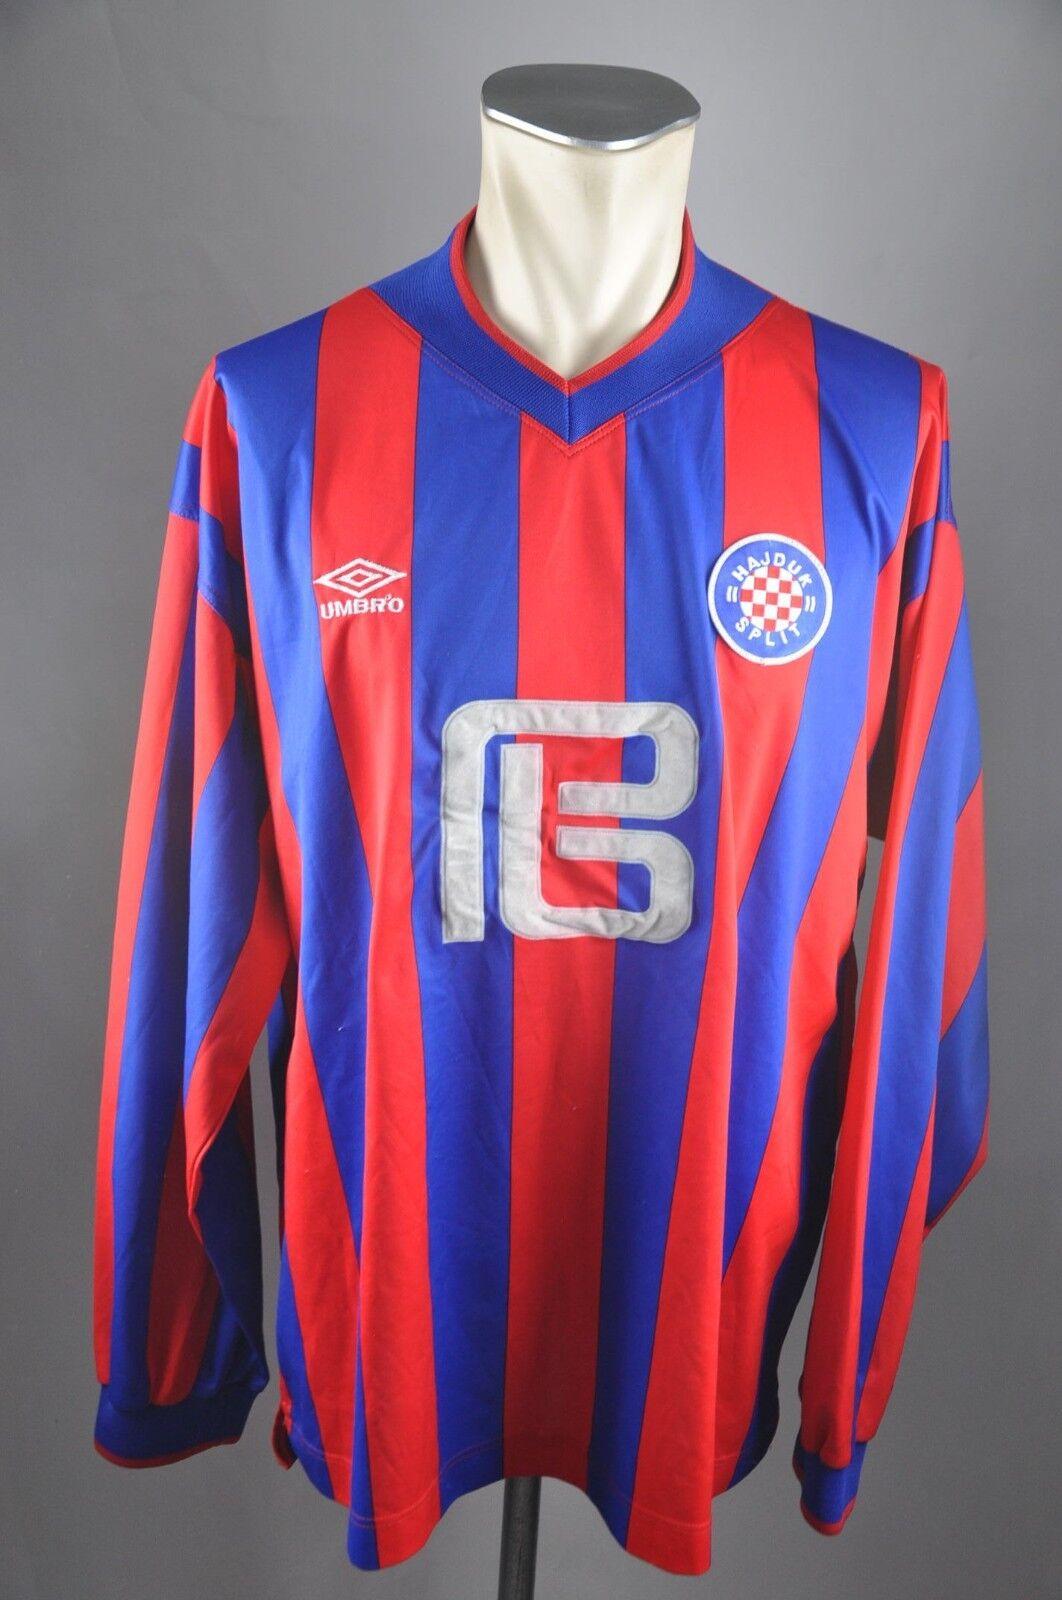 HAJDUK SPLIT Trikot Gr. XXL 2002-03 Away Shirt Jersey Umbro Shirt Kroatien LS